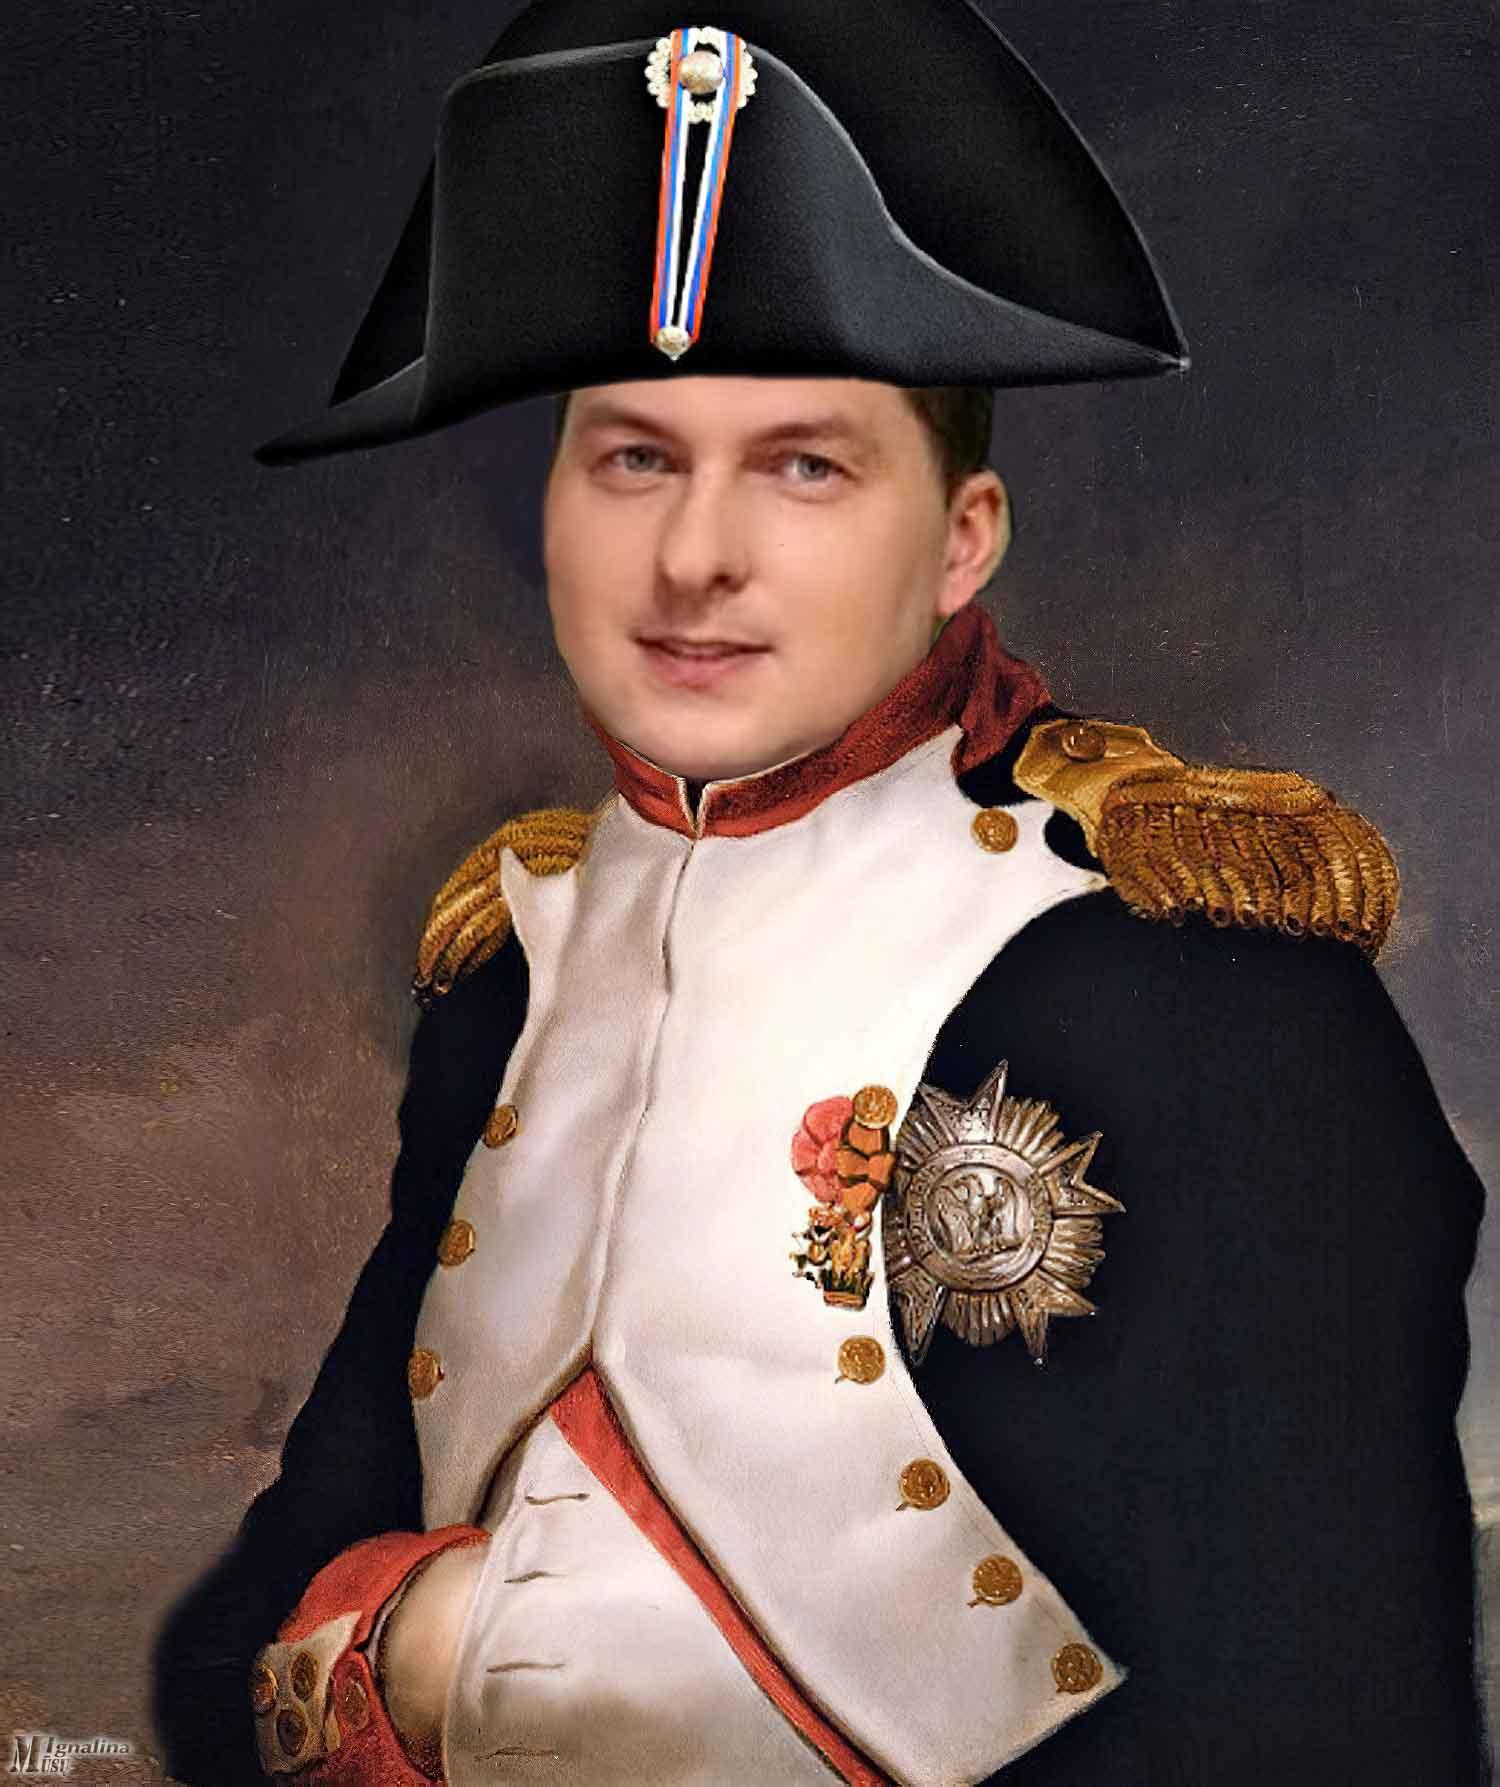 """Buvo kadaise Prancūzijos karalius Liudvikas XIV, tuo metu žmonių pramintas Karalius Saulė. Tai jis sakė – """"Valstybė – tai Aš"""". Perfrazavus, šis pasakymas tinka dabartiniam Ignalinos merui – """"Savivaldybė – tai Aš"""". Tačiau savo elgesiu ir darbais jis labiau primena kitą prancūzų imperatorių Napoleoną Bonapartą. Pažiūrėkite, argi nepanašus?.."""